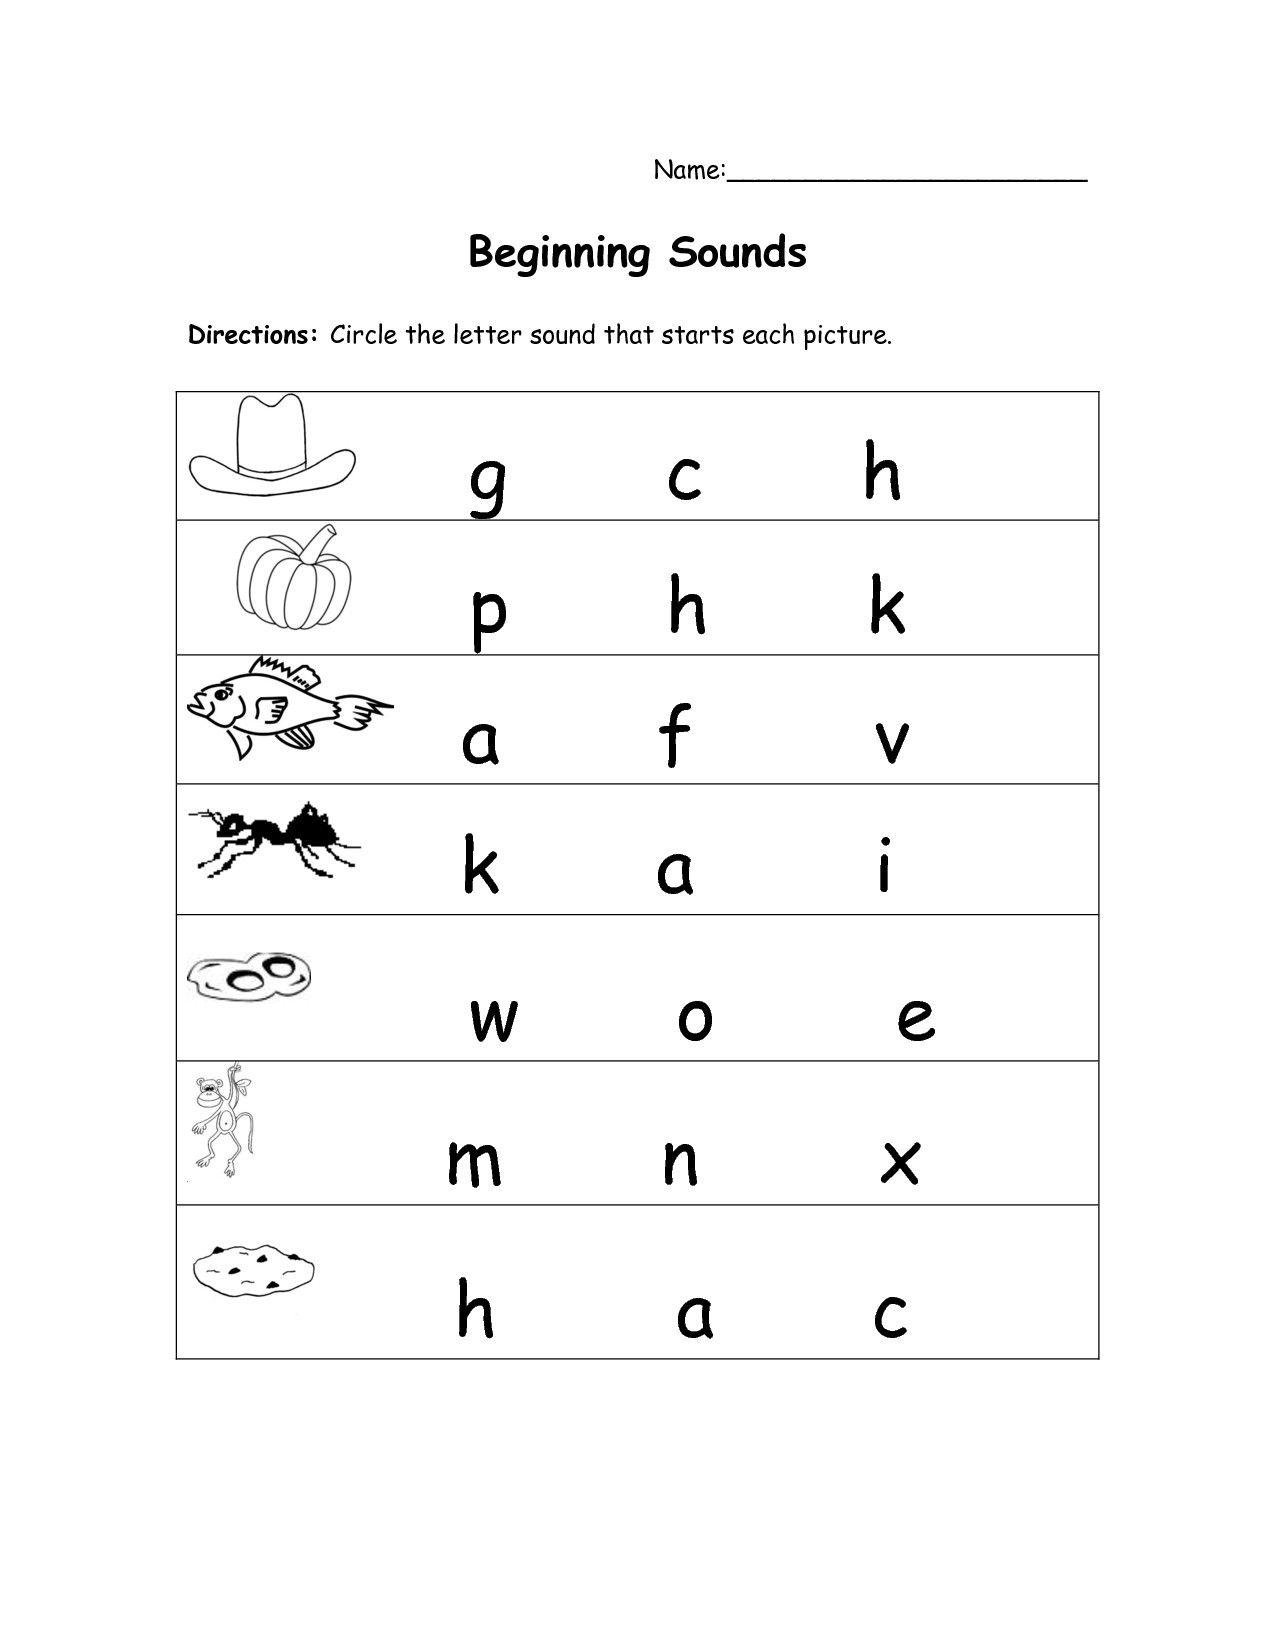 Initial Sound Worksheets For Kindergarten Worksheets For All